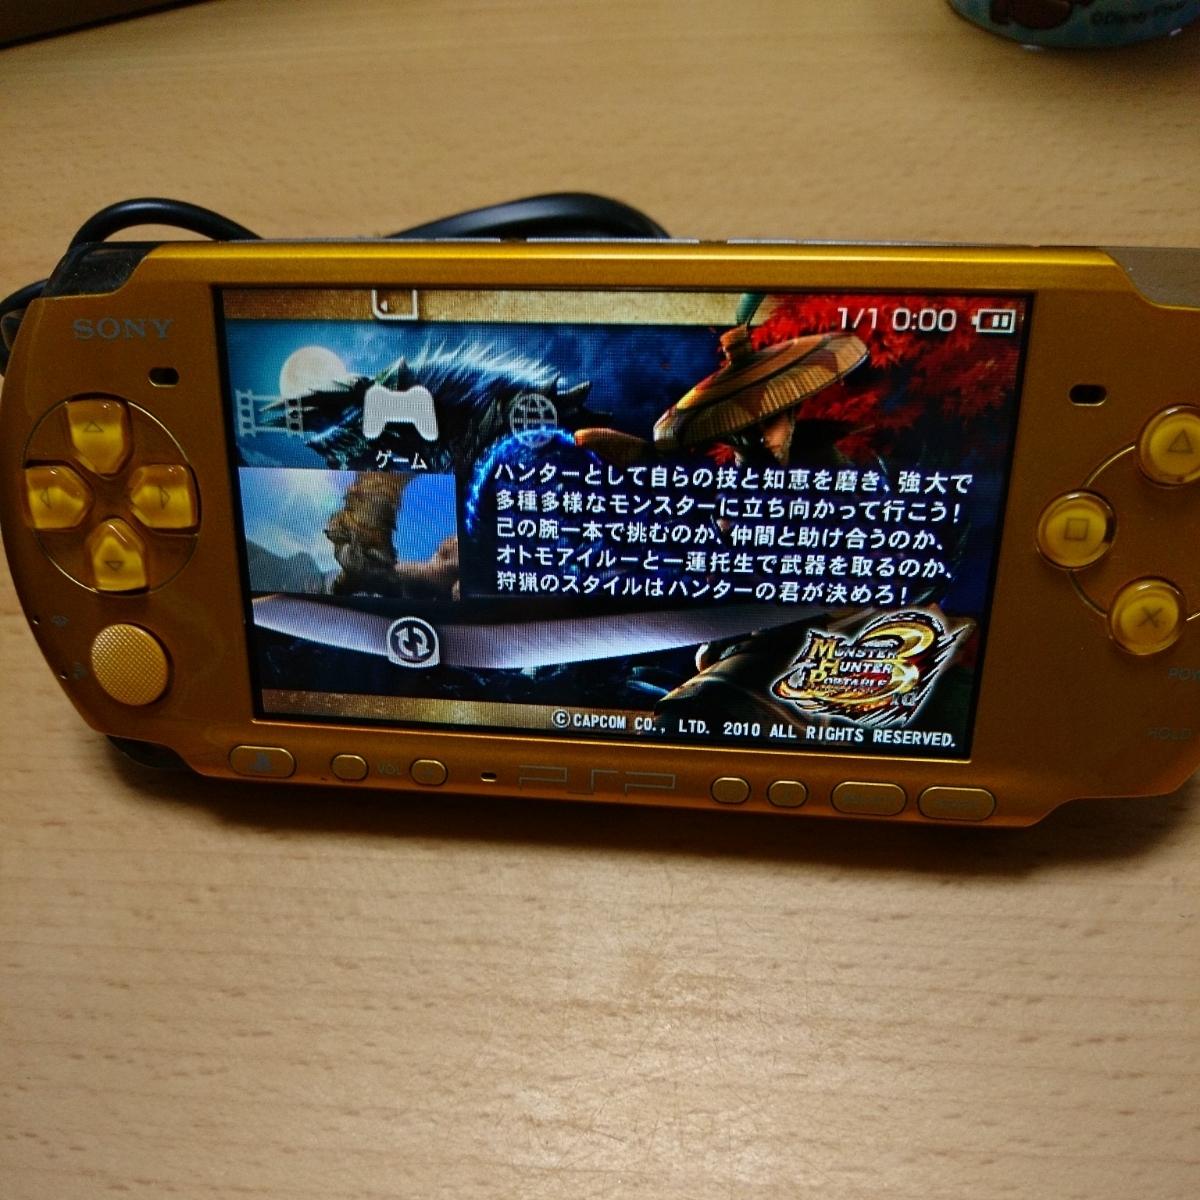 美品 PSP3000本体 イエローメタリック? 動作良好+おまけソフト_画像4